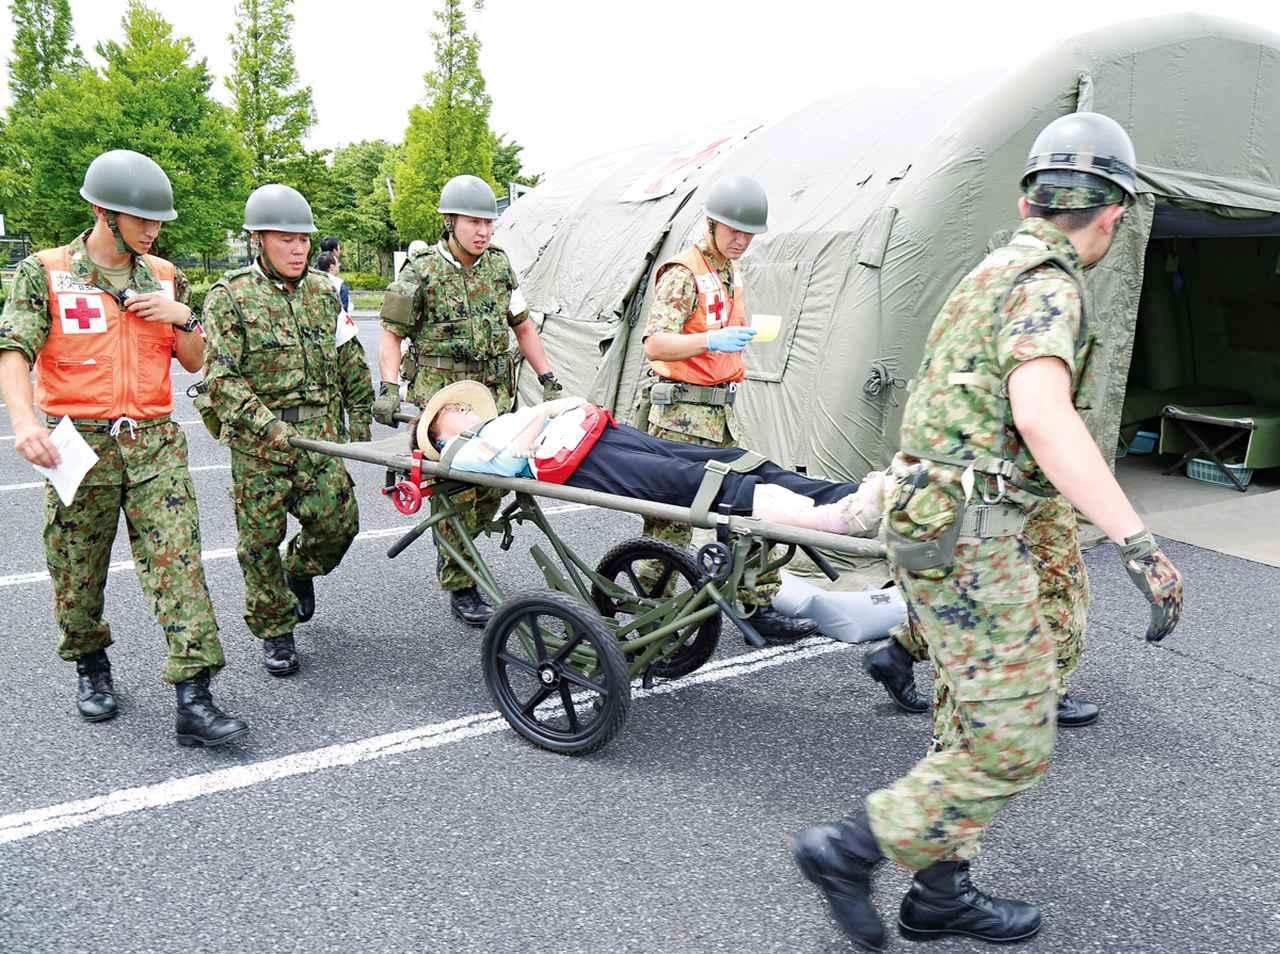 画像: 自衛隊統合防災演習における被災地での患者搬送訓練。検証と改善を繰り返し、より確実な災害派遣計画を立てる